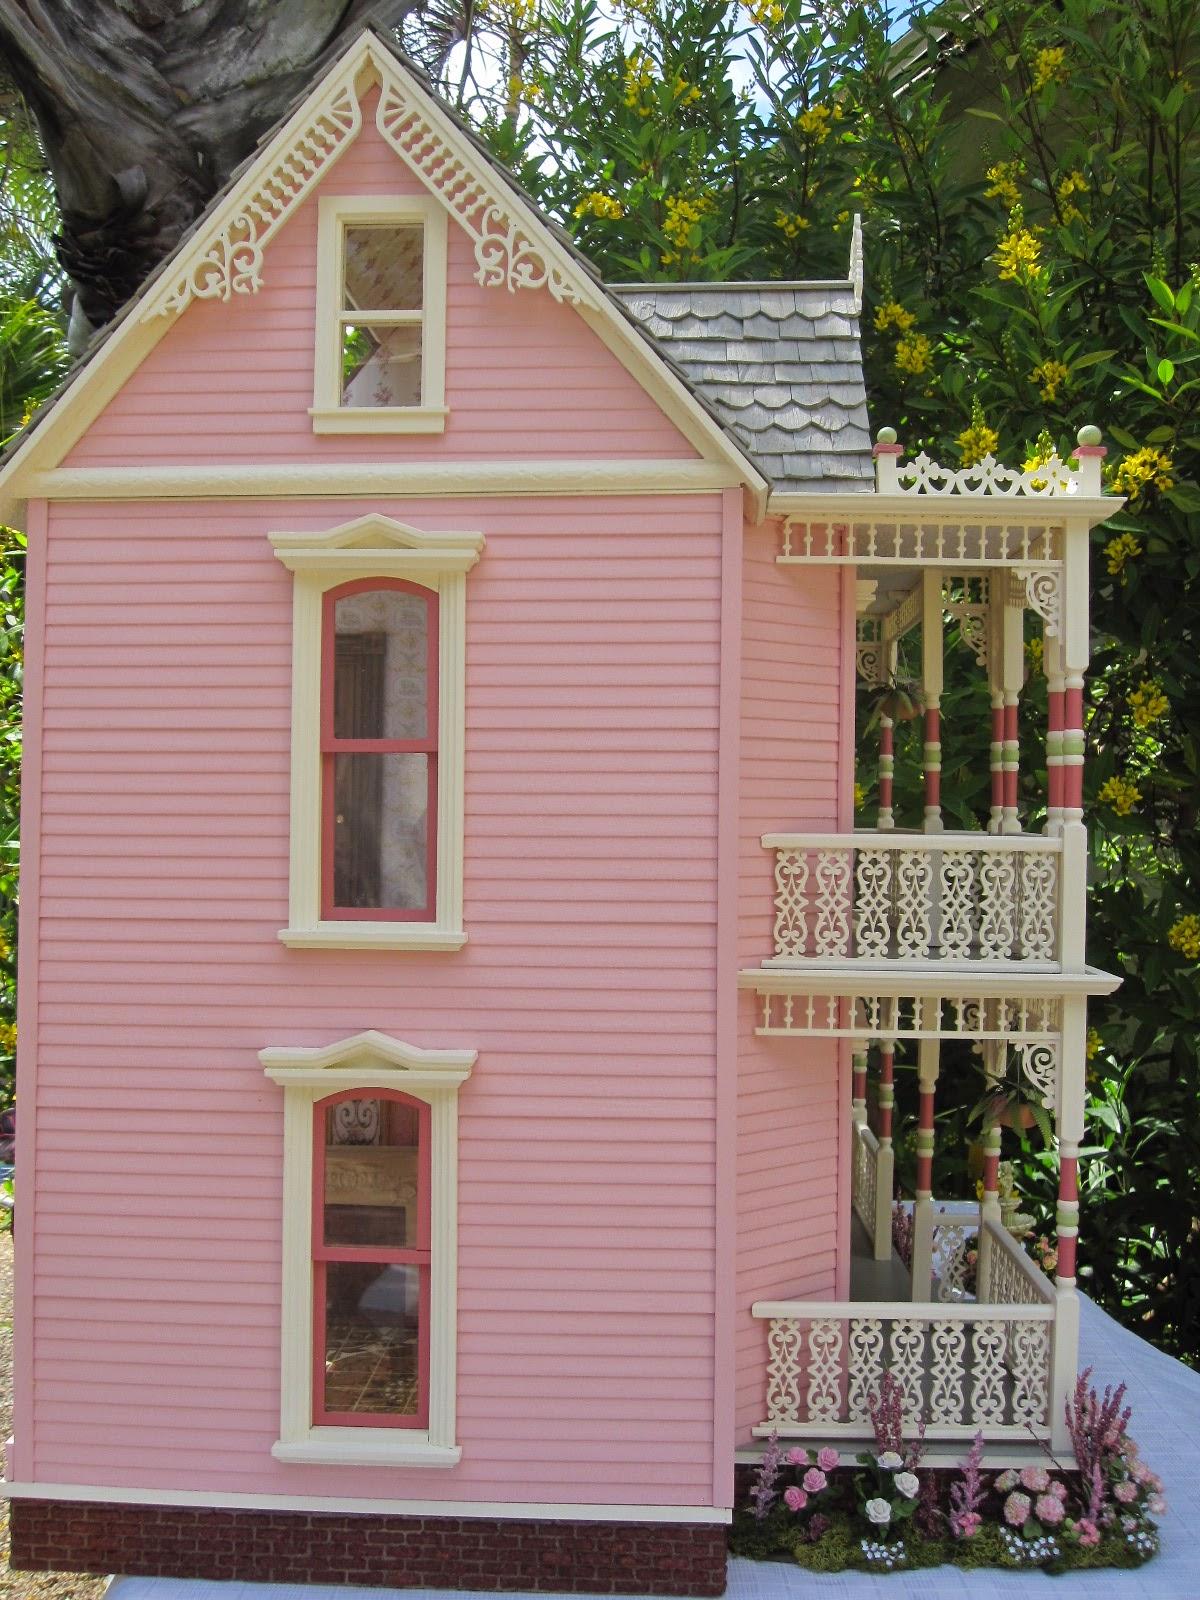 Dollhouses by Robin Carey: The Elizabeth Street Victorian Dollhouse